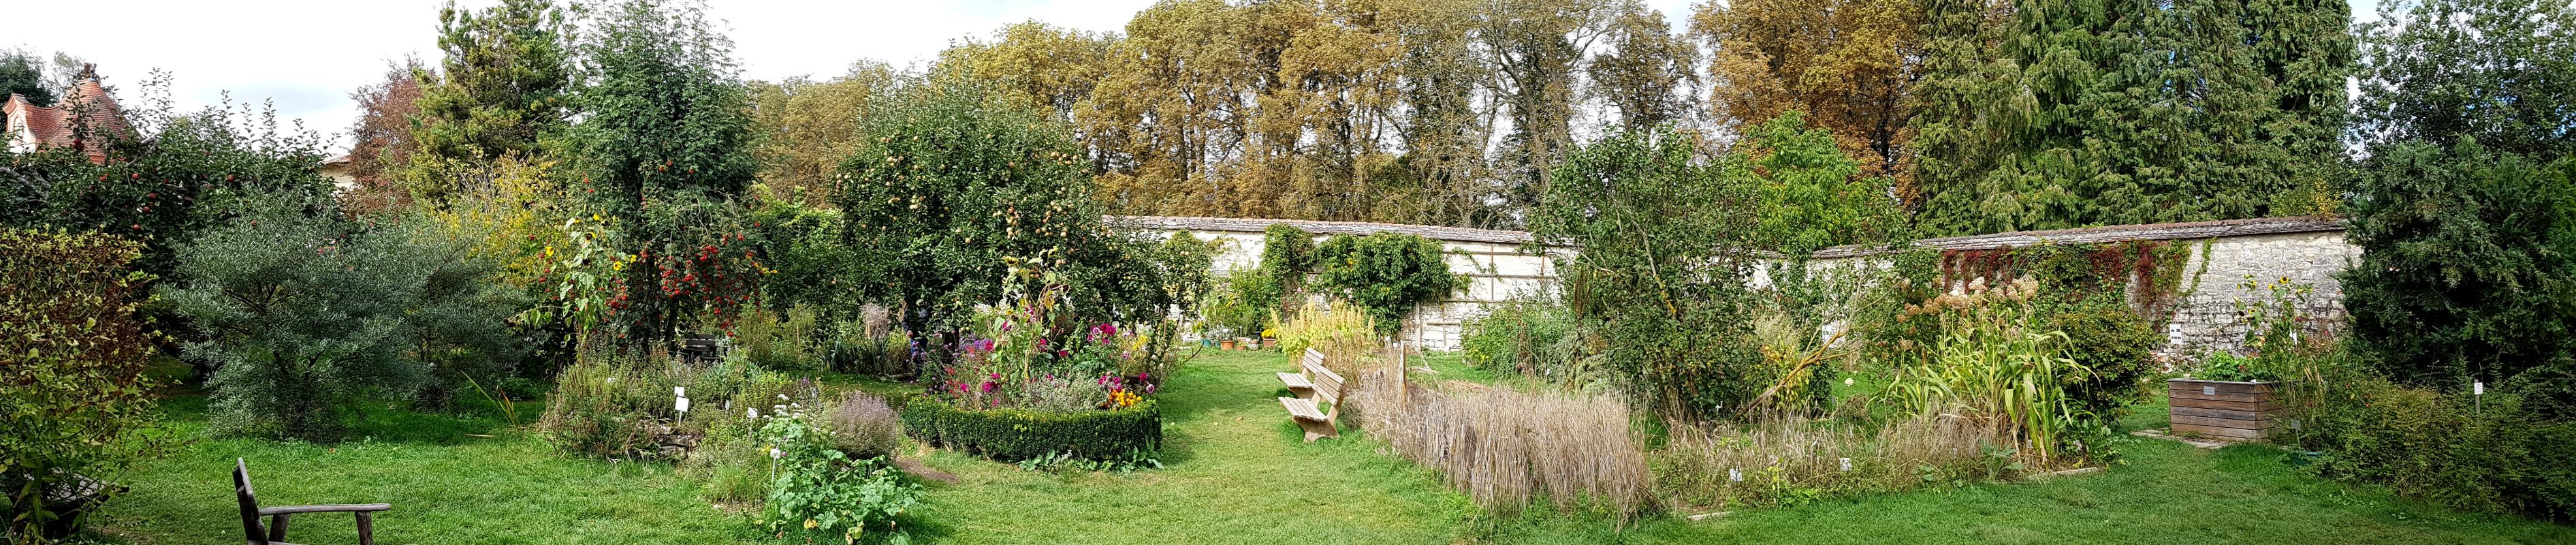 Panorama des  Kräutergarten im Kloster von Inzigkofen